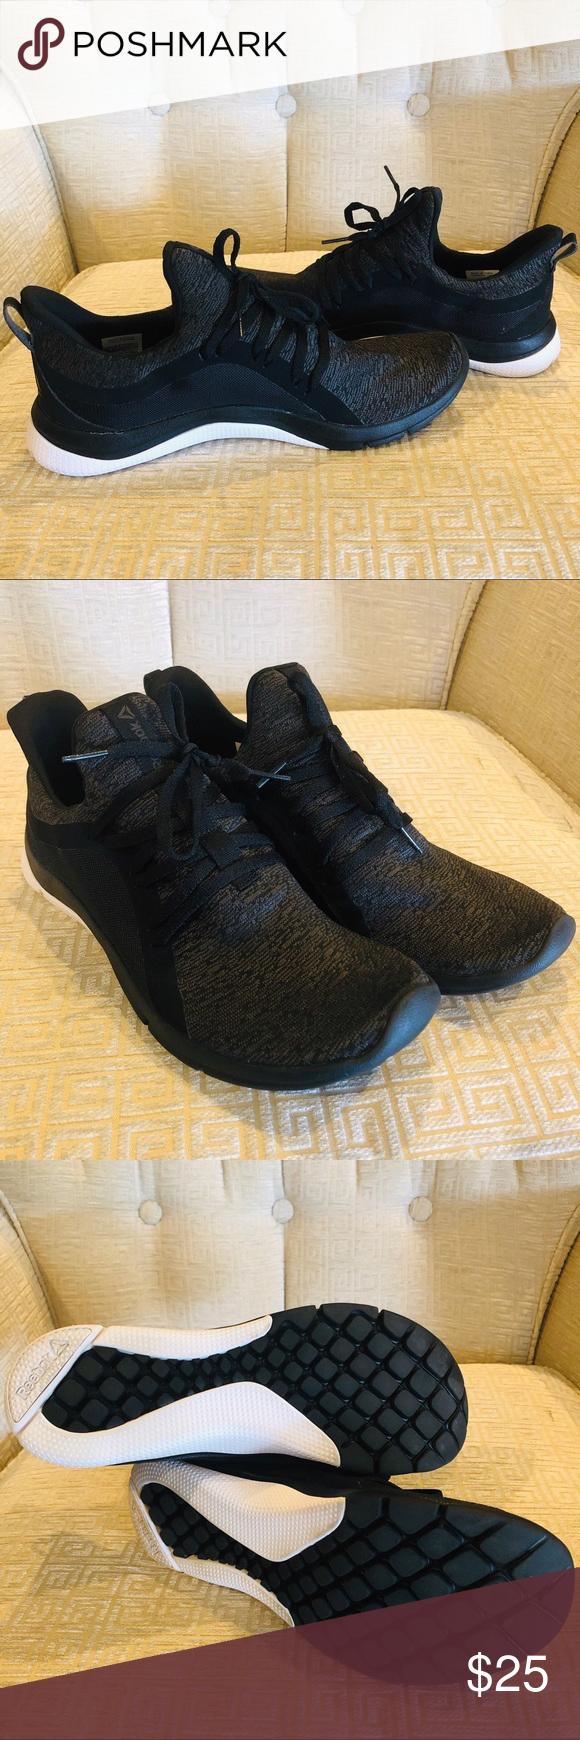 Sneakers, Reebok shoes